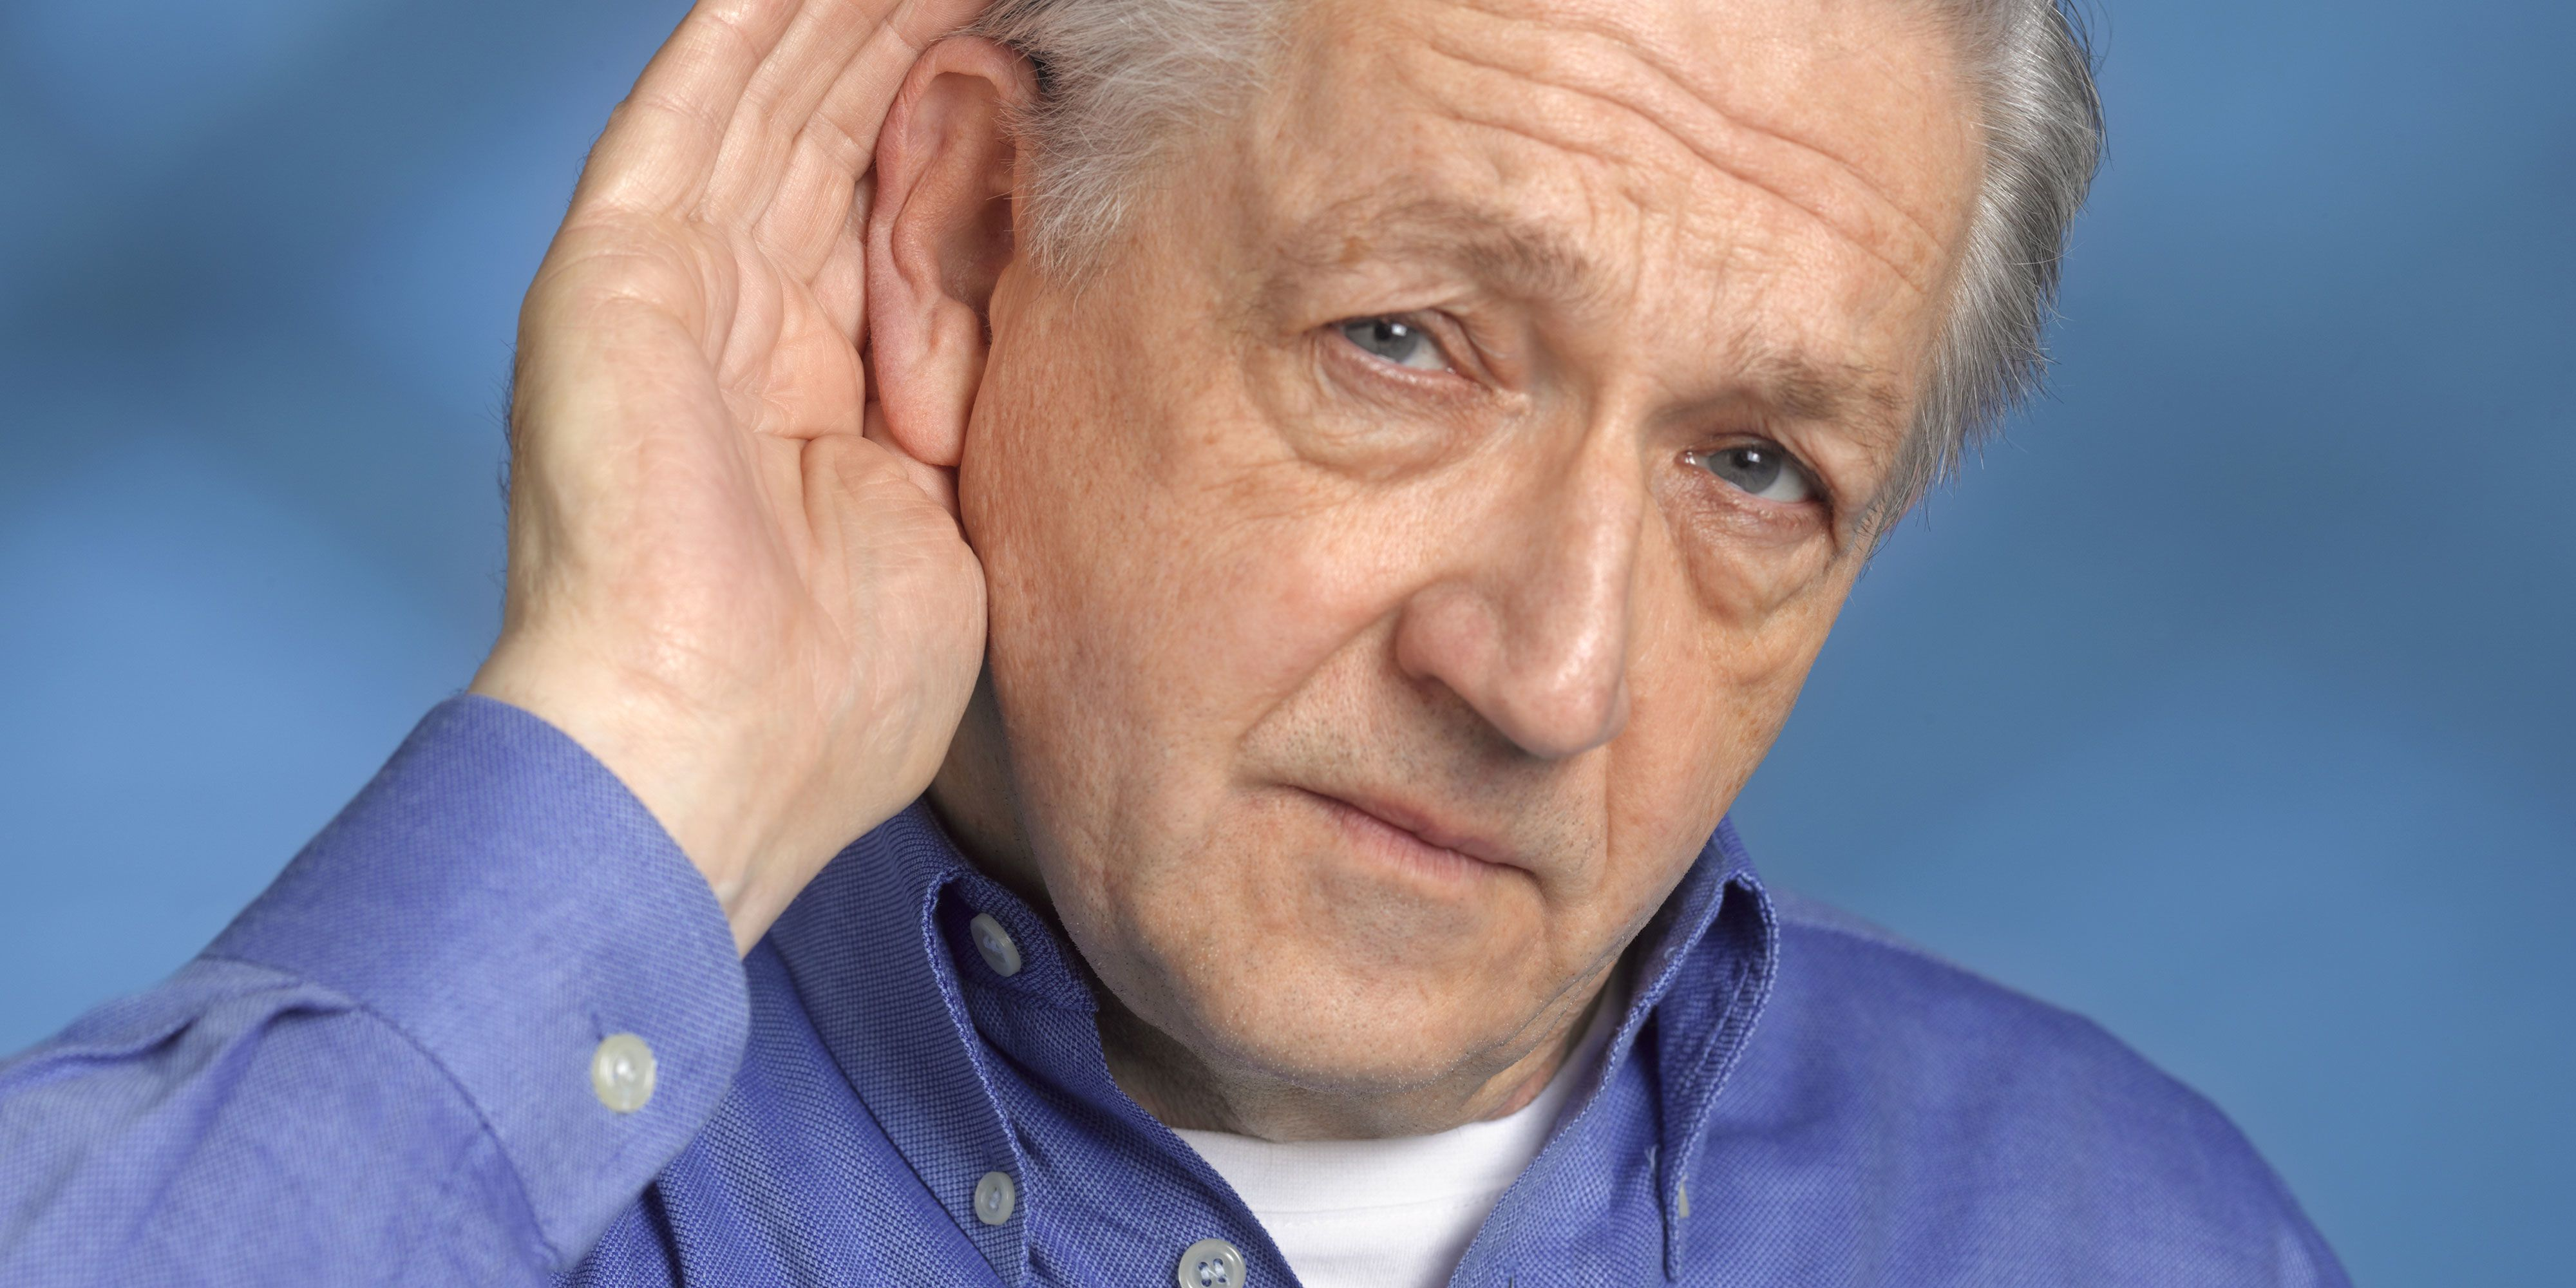 Crackling ears: eustachian tube dysfunction and popping ears